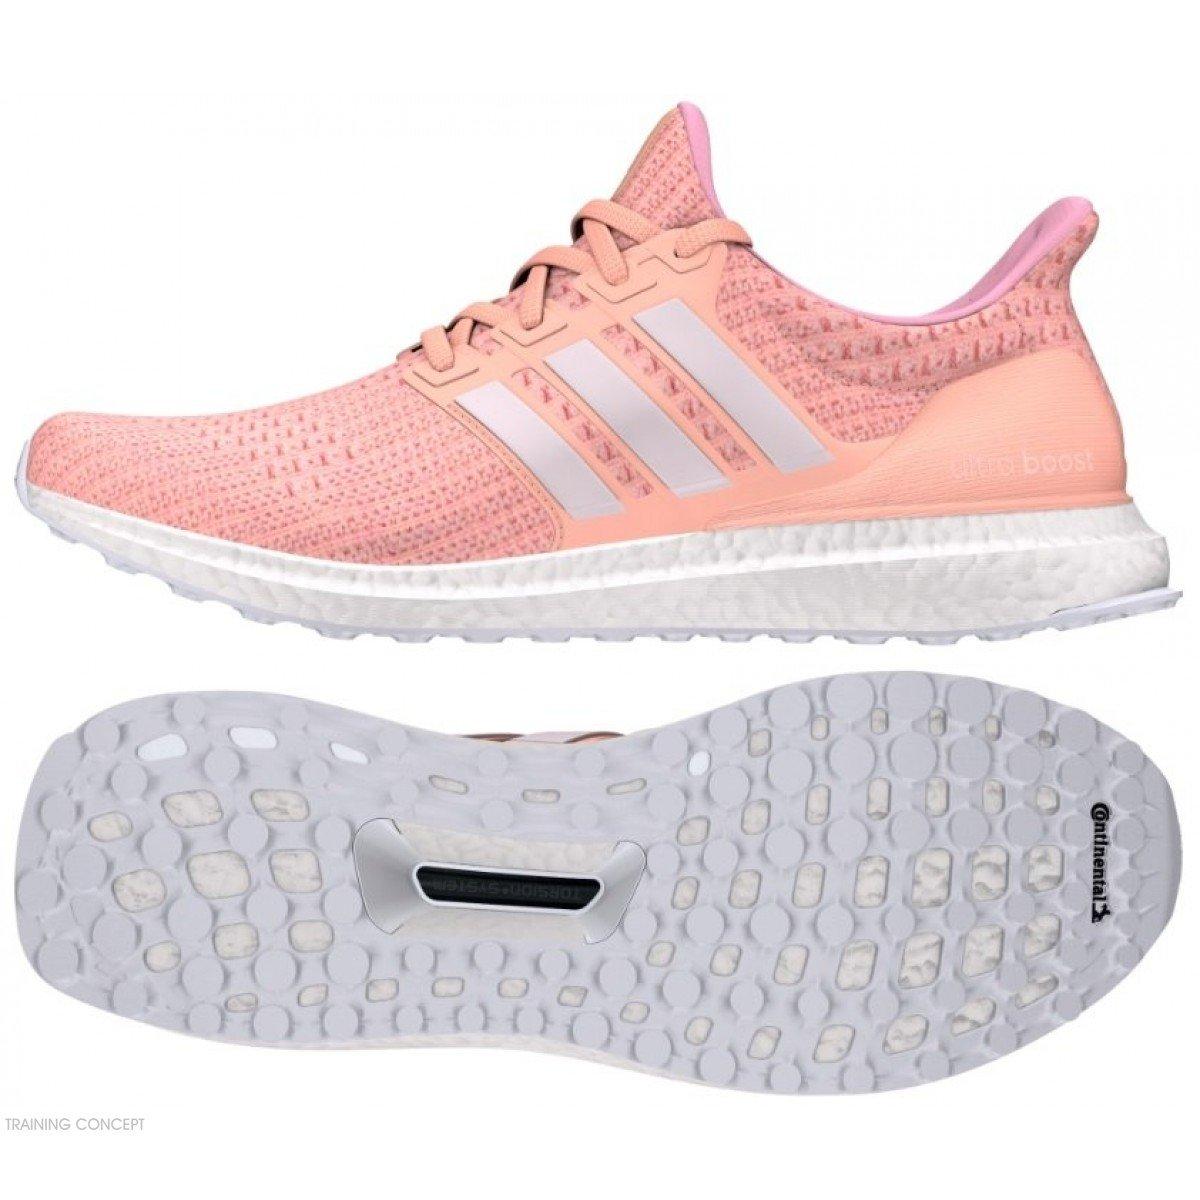 baskets pour pas cher b1280 0e5e4 chaussure de running adidas ultraboost F36126